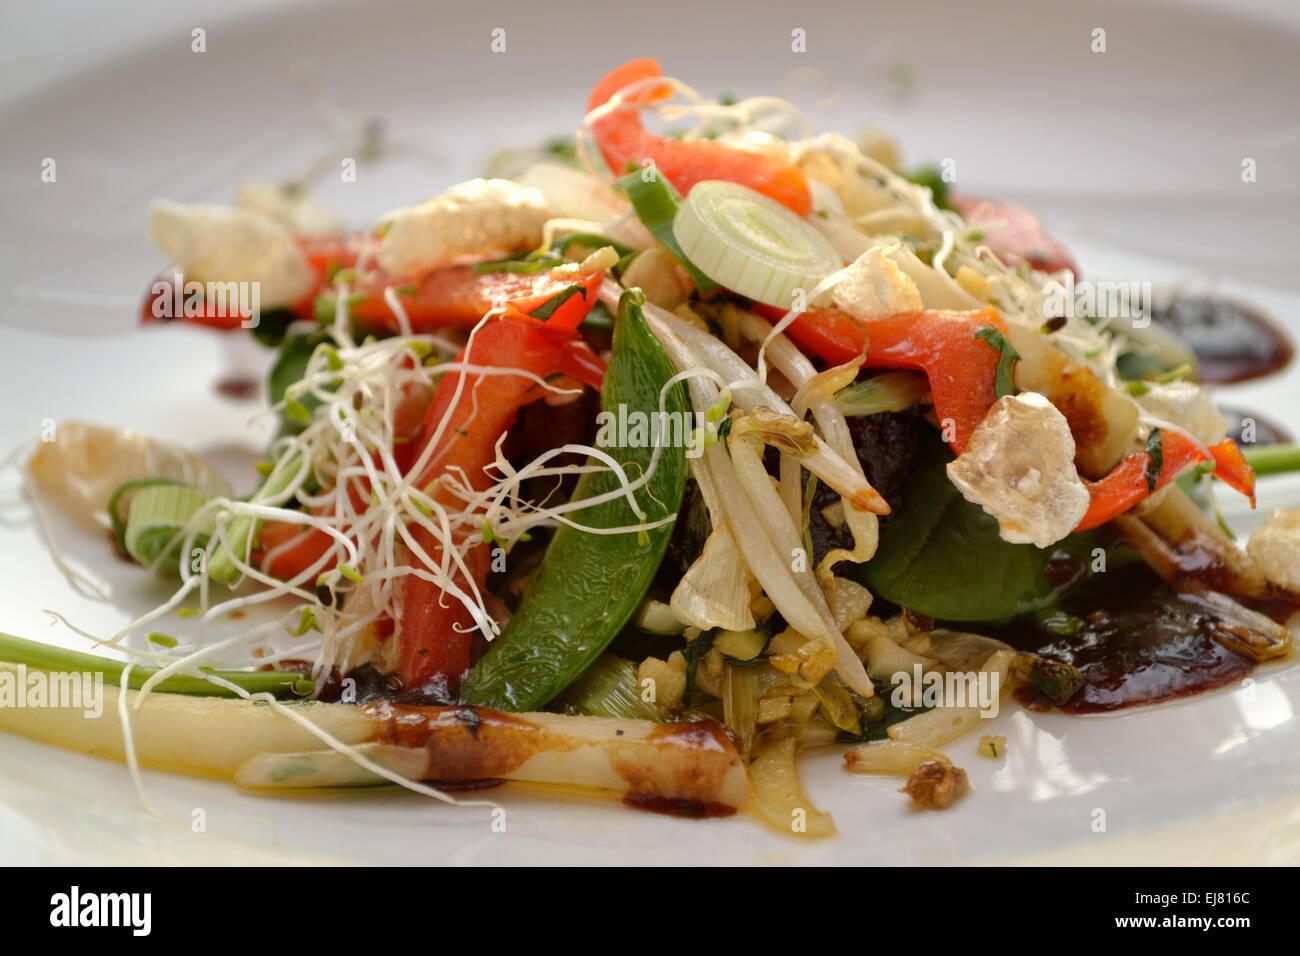 Asian cuisine - Thai - Stock Image